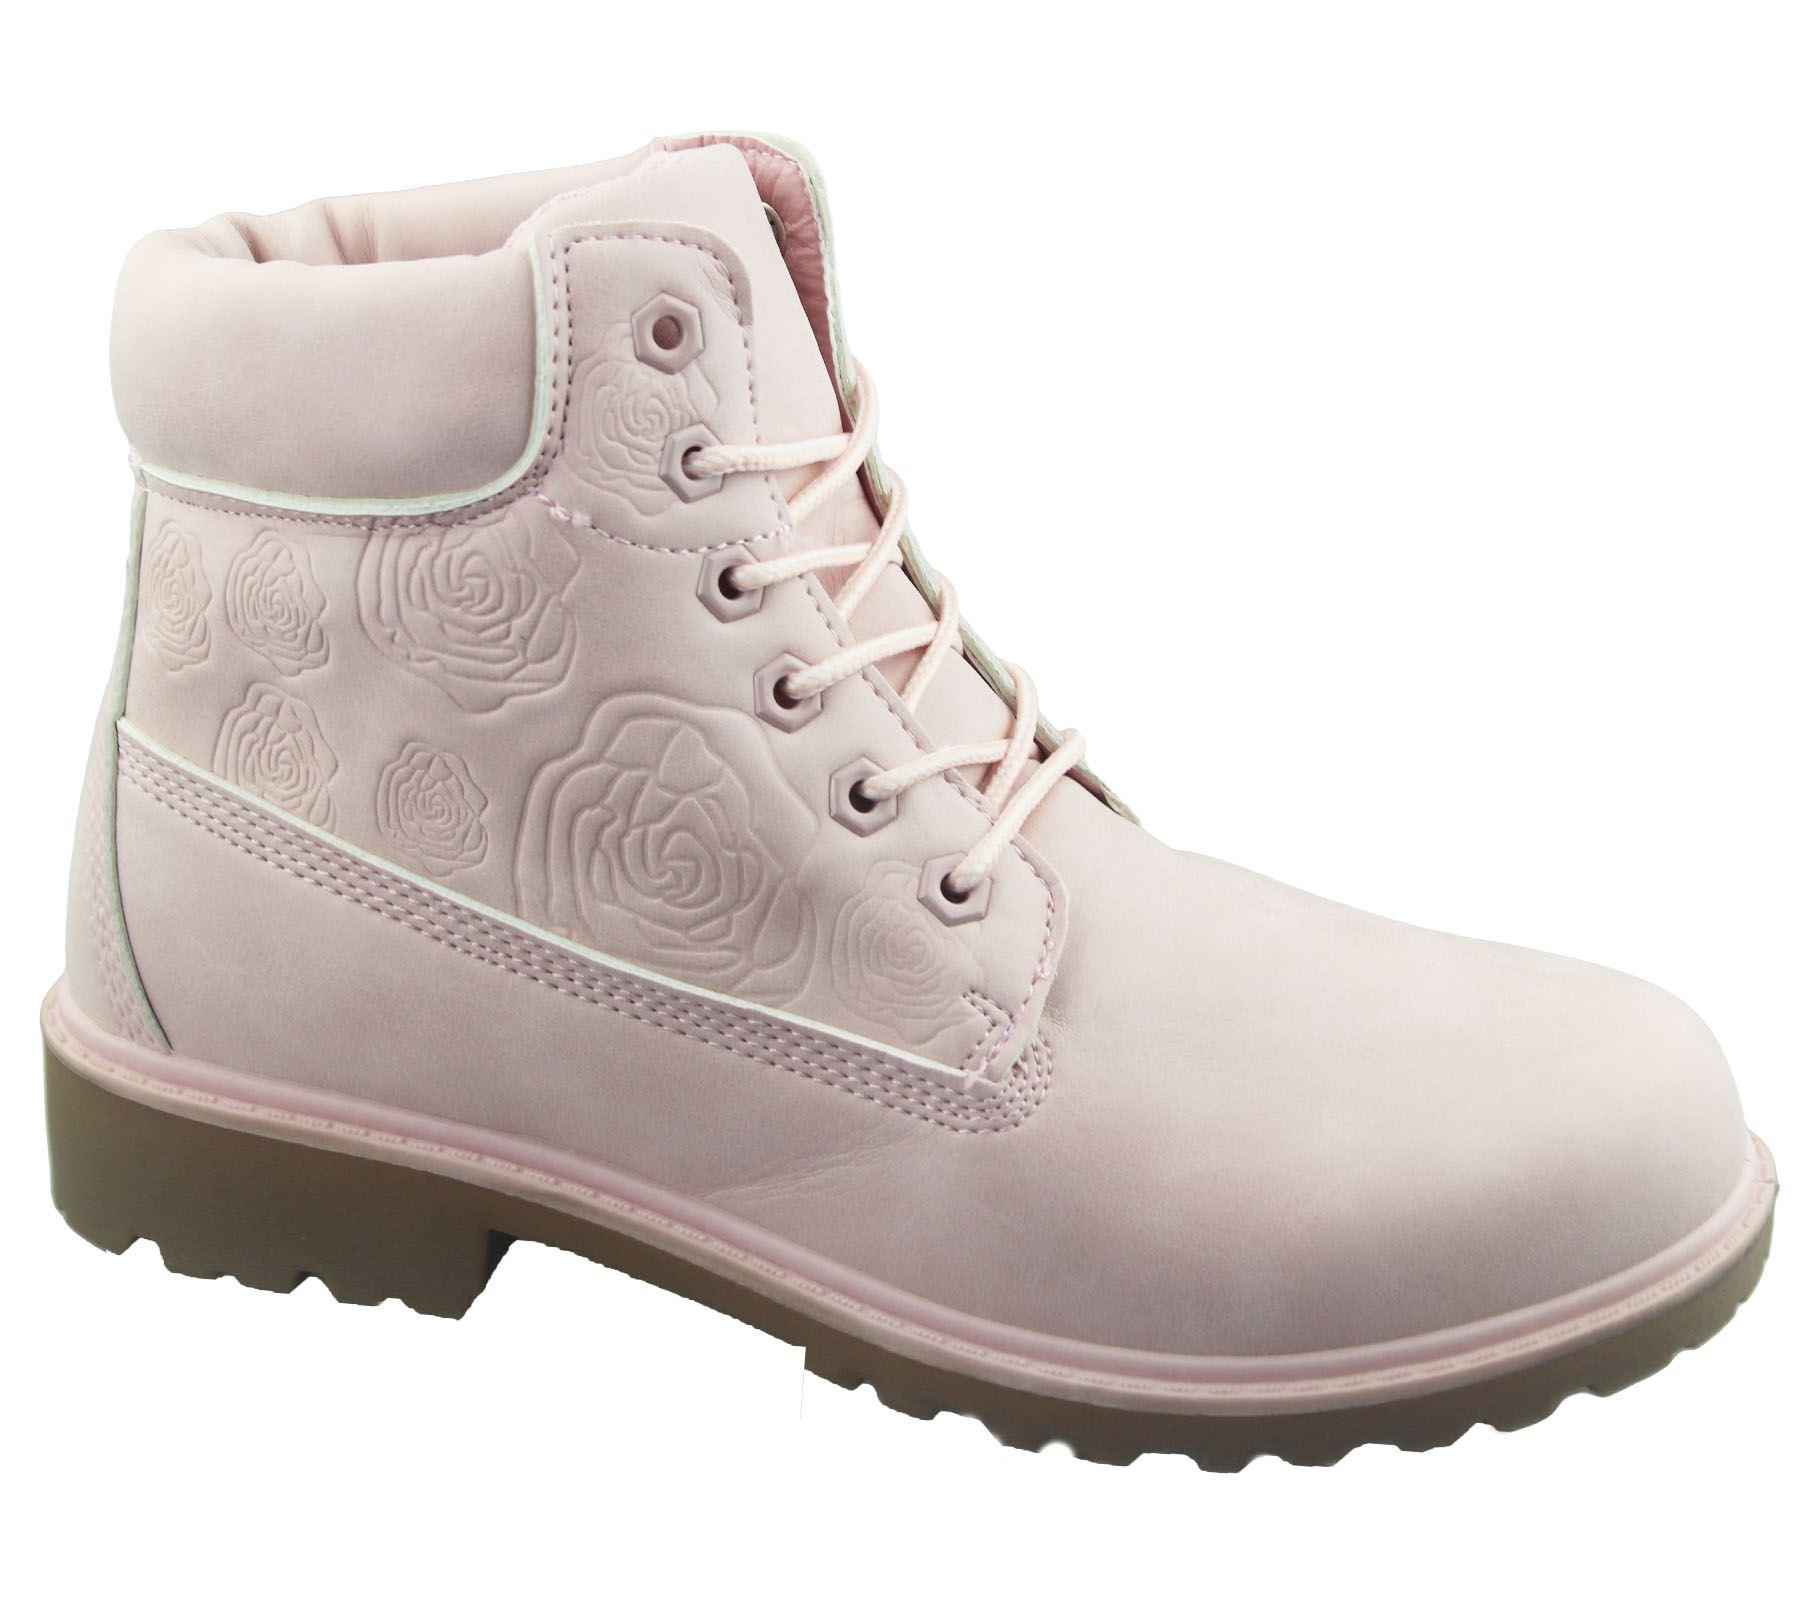 Mujer Botas al Tobillo Combate Desierto De Trabajo Senderismo Tobillo Alto Zapatos Con Cordones